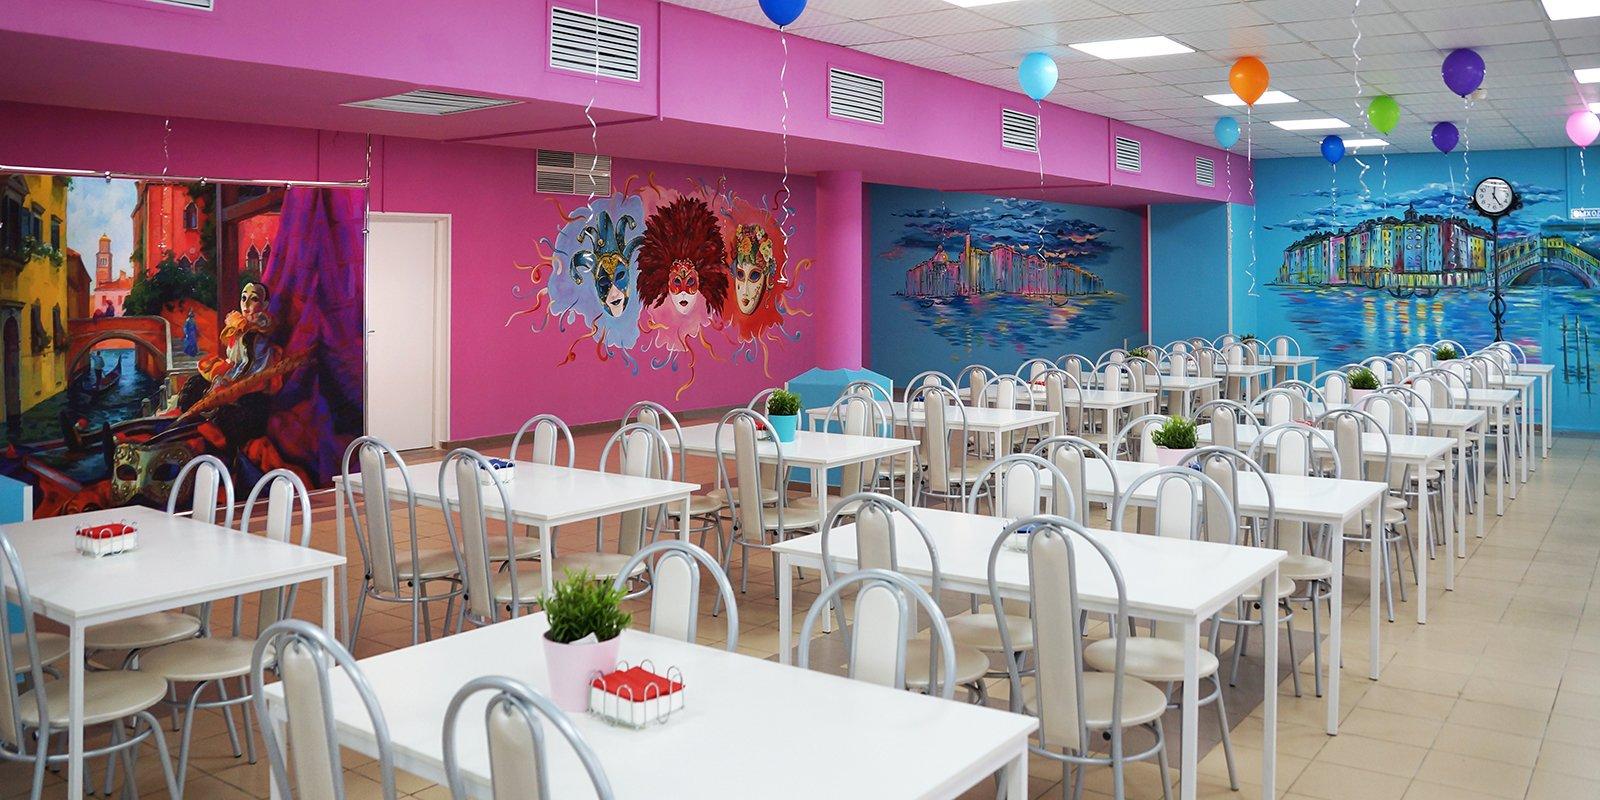 От Дали до Простоквашина: к проекту «Мой школьный ресторан» присоединились уже 120 учреждений